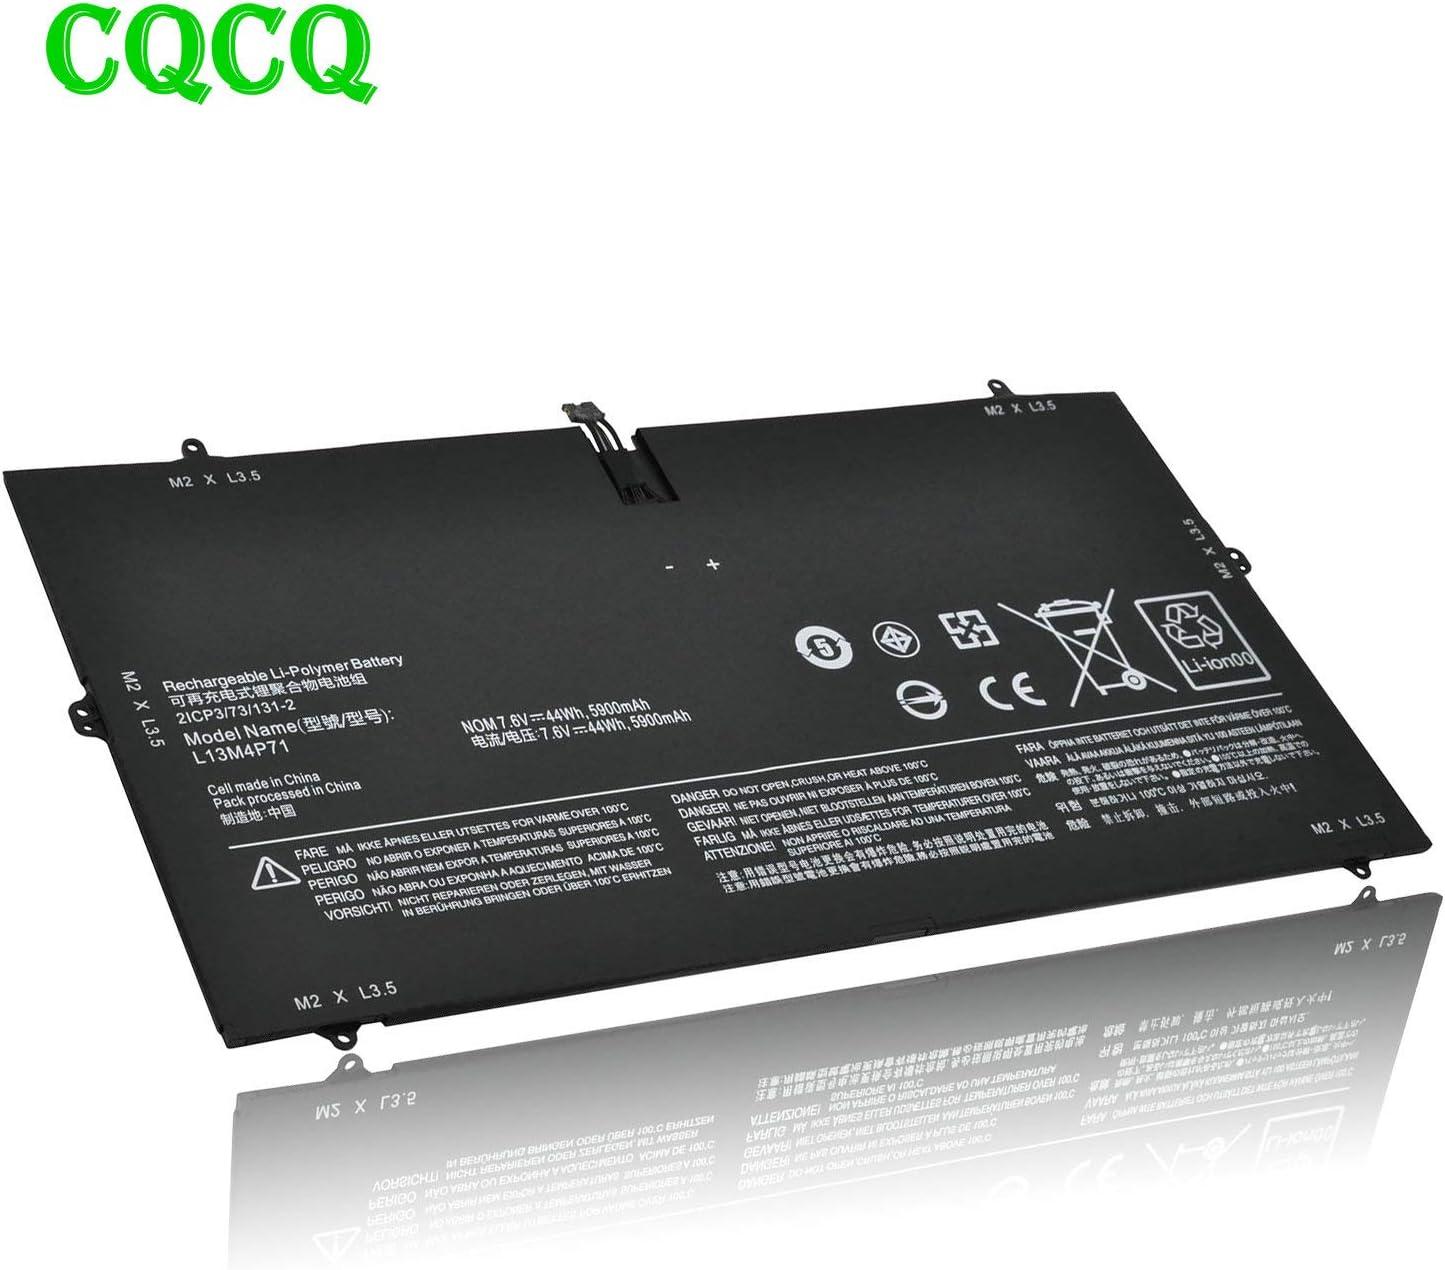 CQCQ Compatible L13M4P71 L14S4P71 Battery Replacement for Lenovo Yoga 3 Pro 1370 Pro-5Y71 Pro-I5Y51 Pro-I5Y50 [7.4V 44Wh]